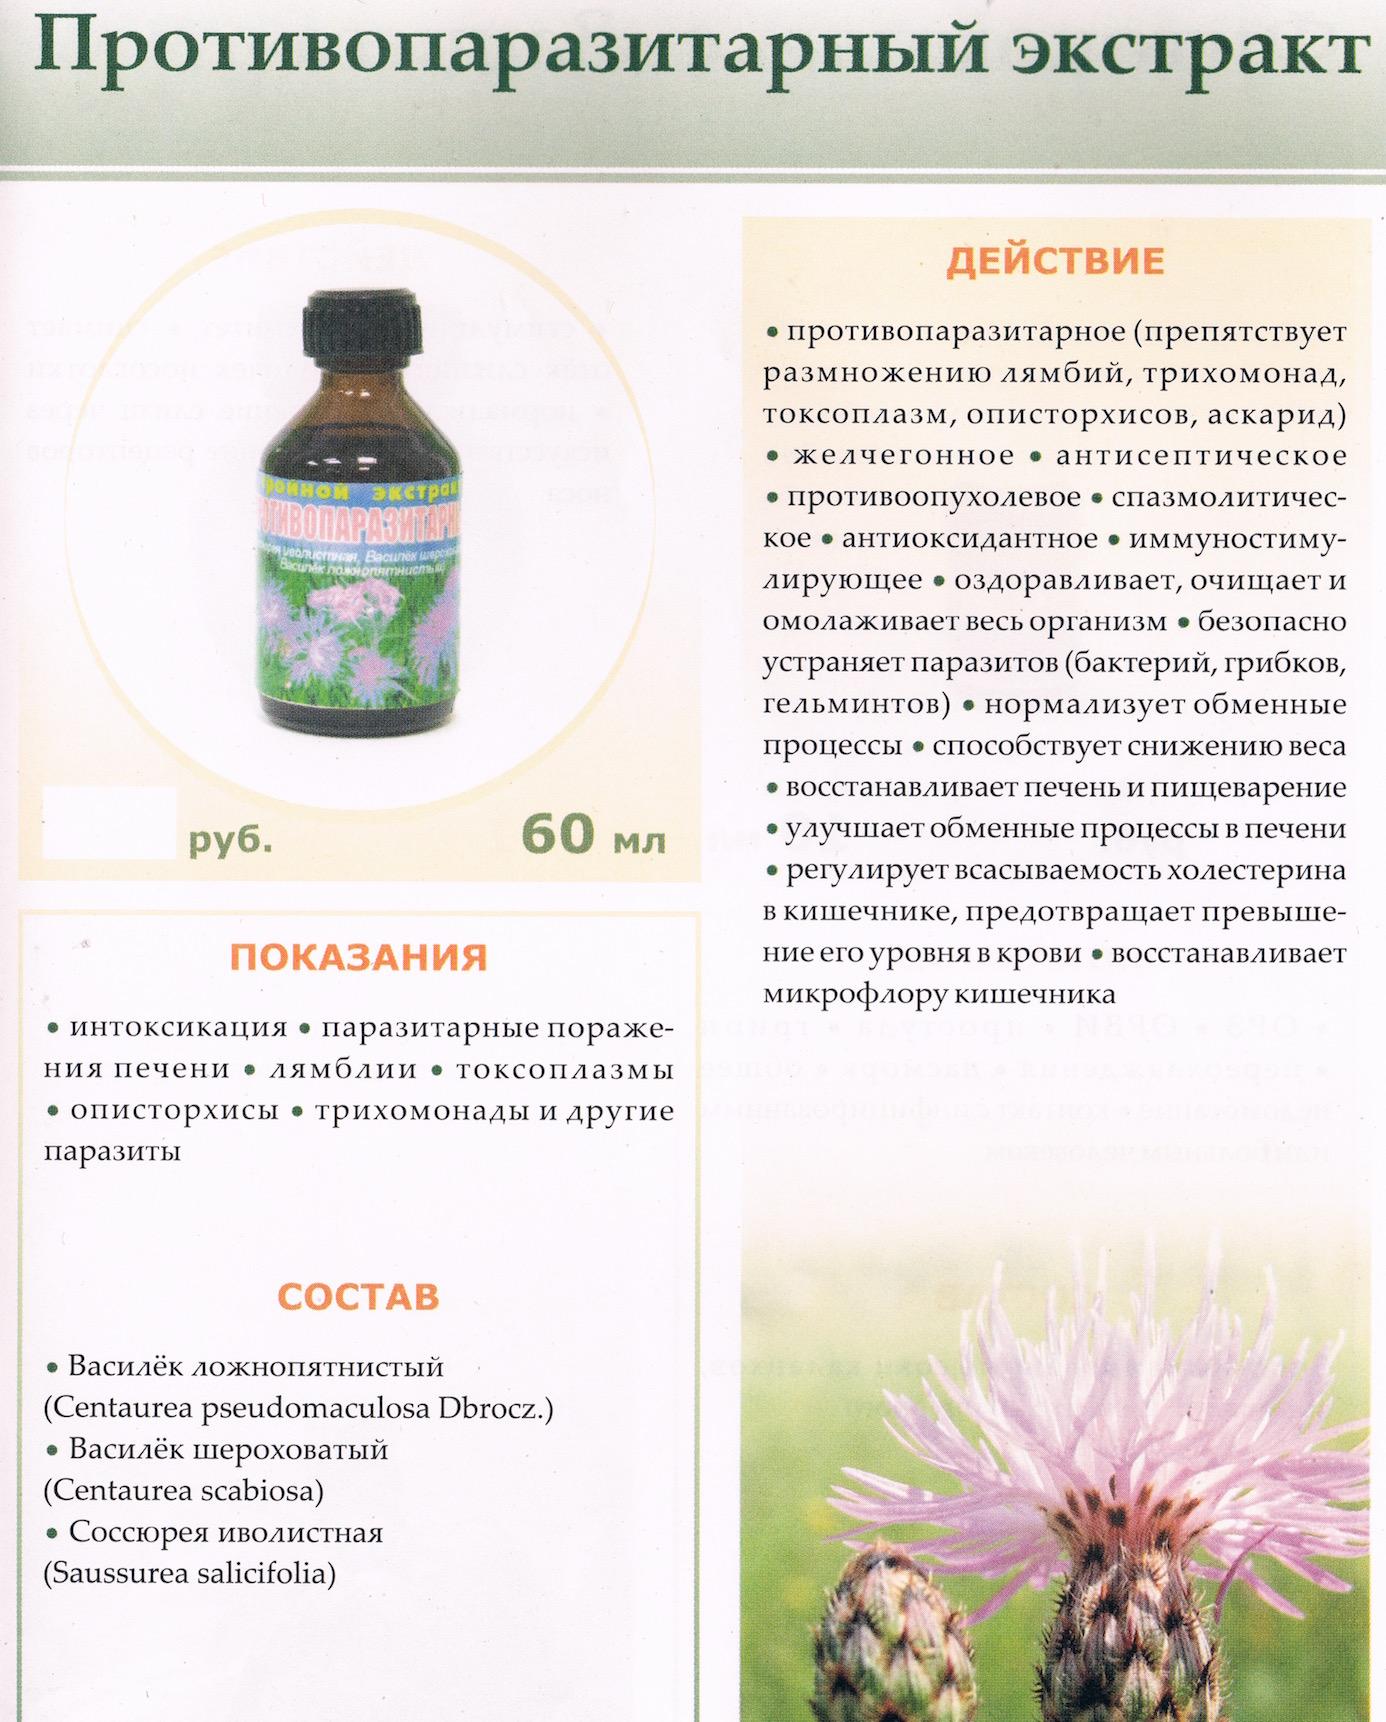 какую мазь можно использовать при аллергии